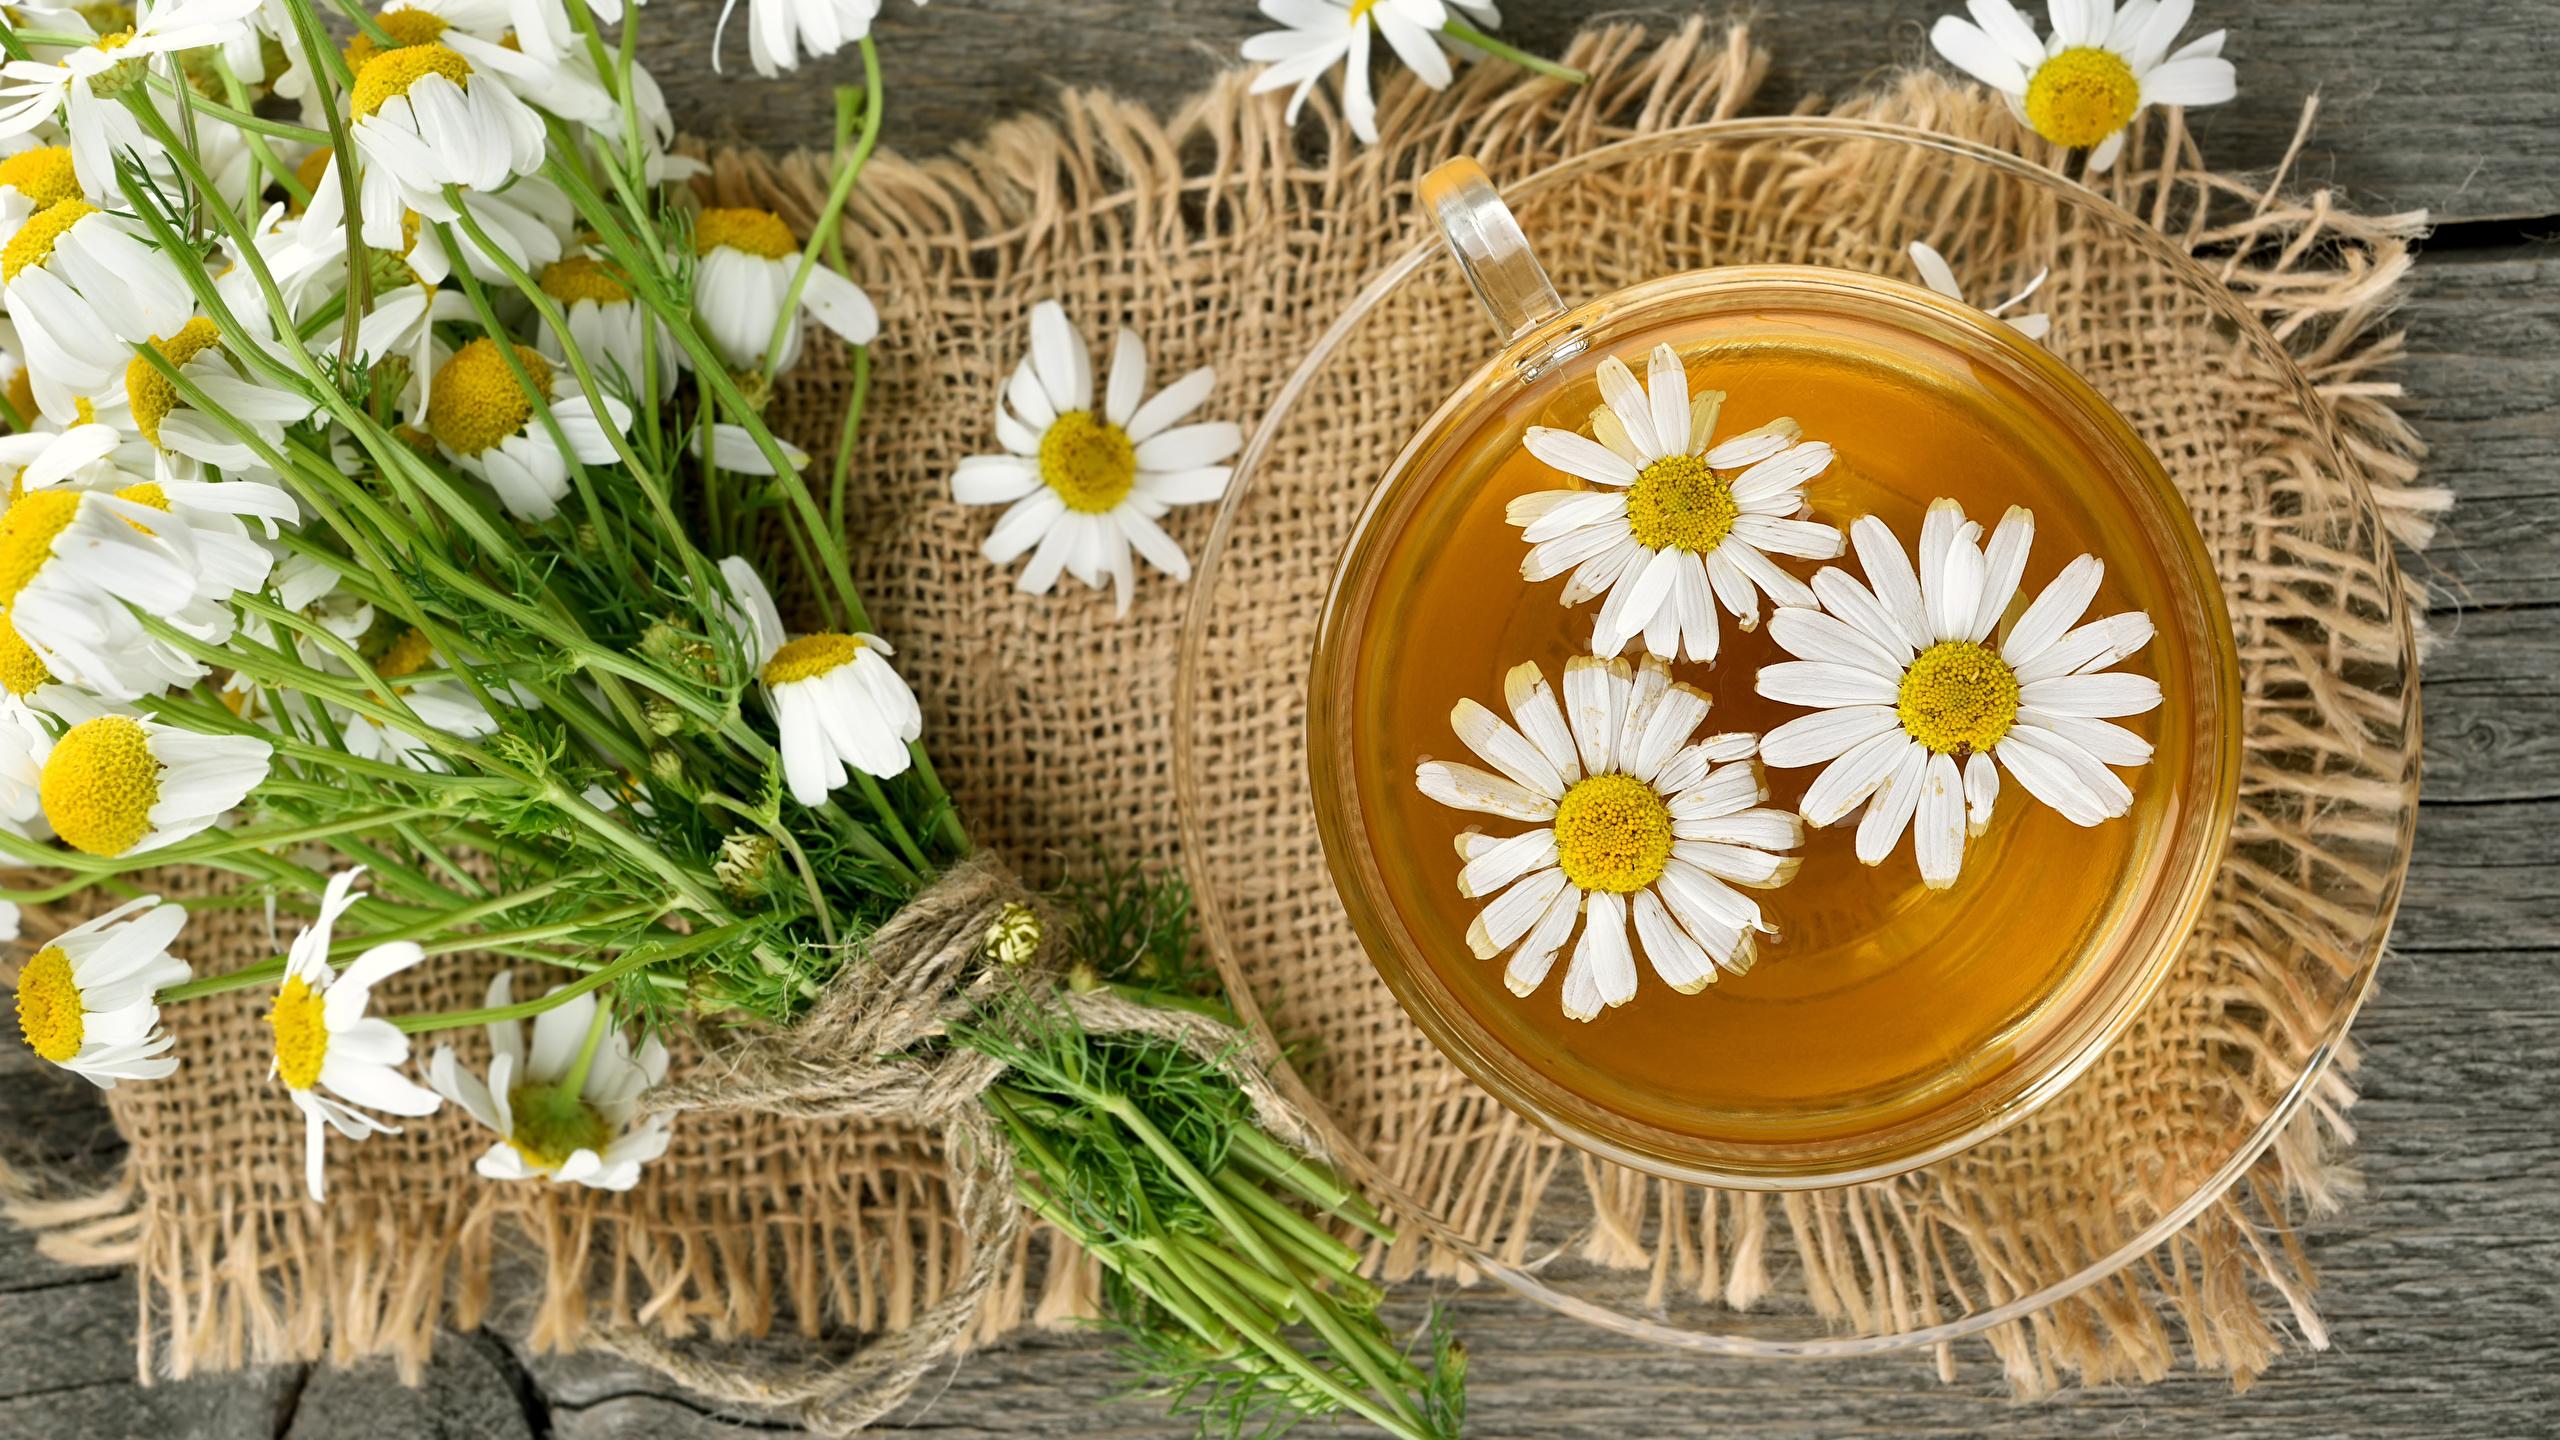 Фотография Чай Ромашки чашке Продукты питания 2560x1440 ромашка Еда Пища Чашка